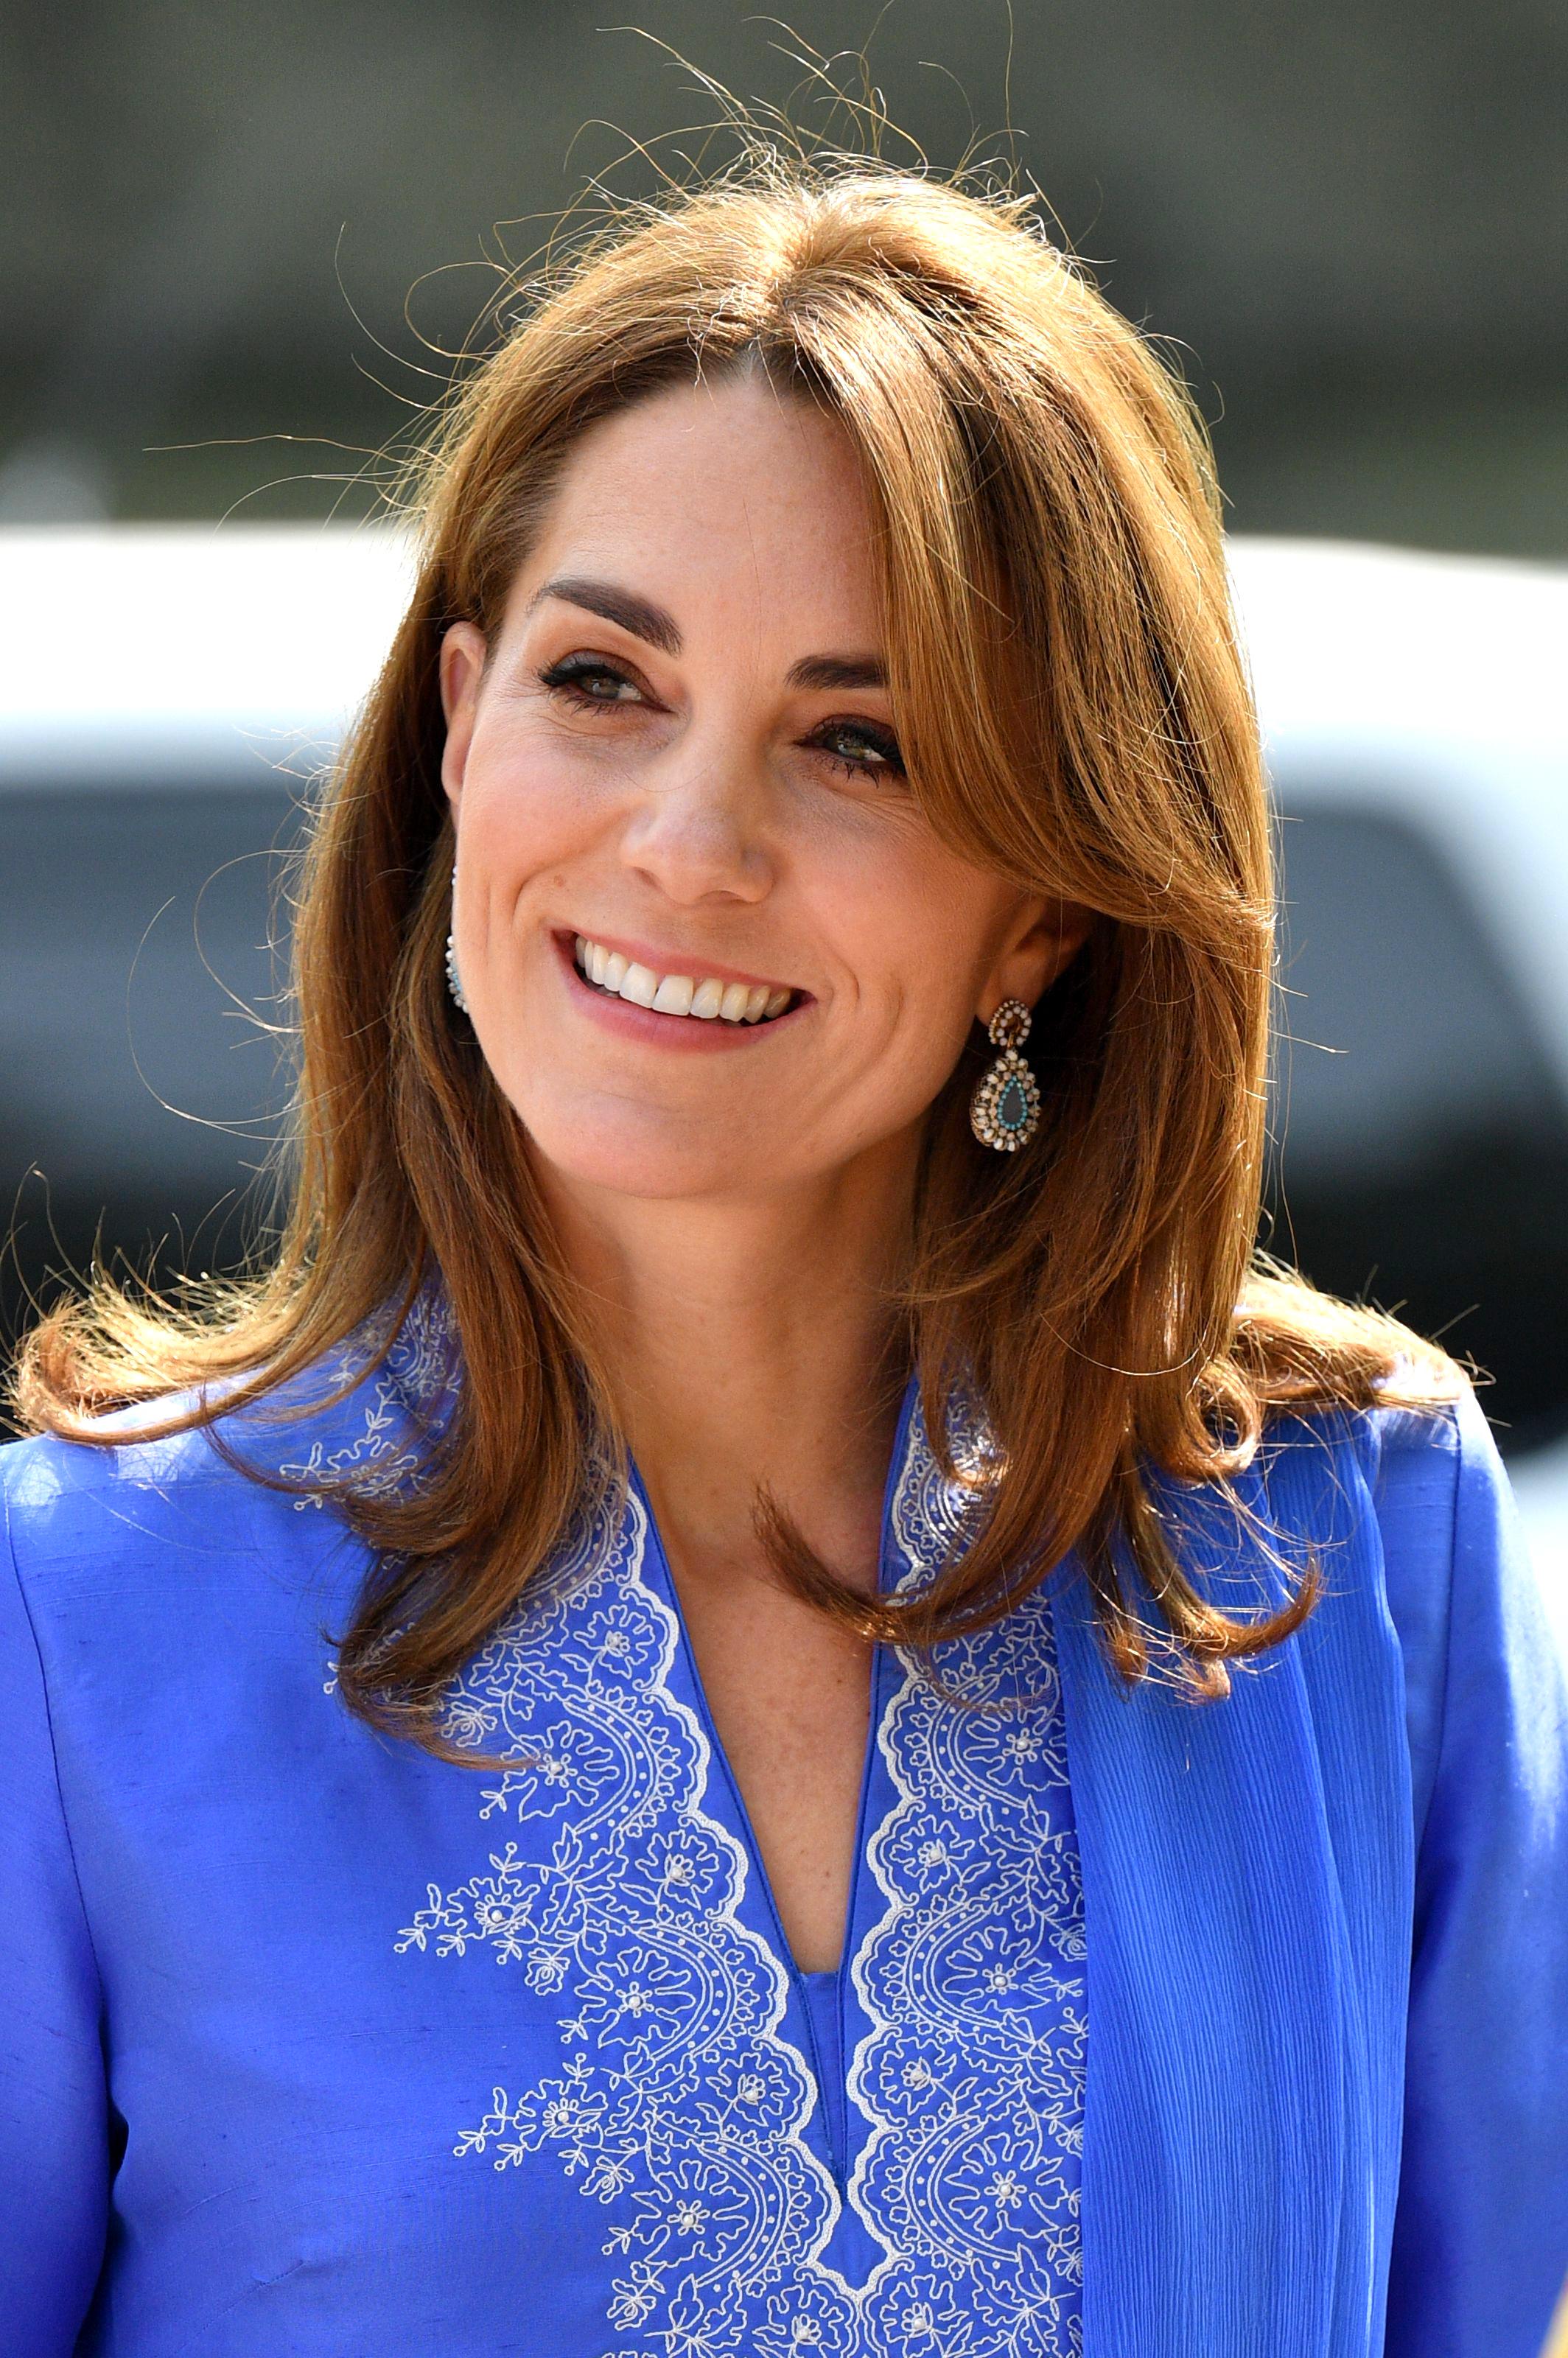 Δεν έχουμε ξαναδεί έτσι ποτέ την Kate Middleton!